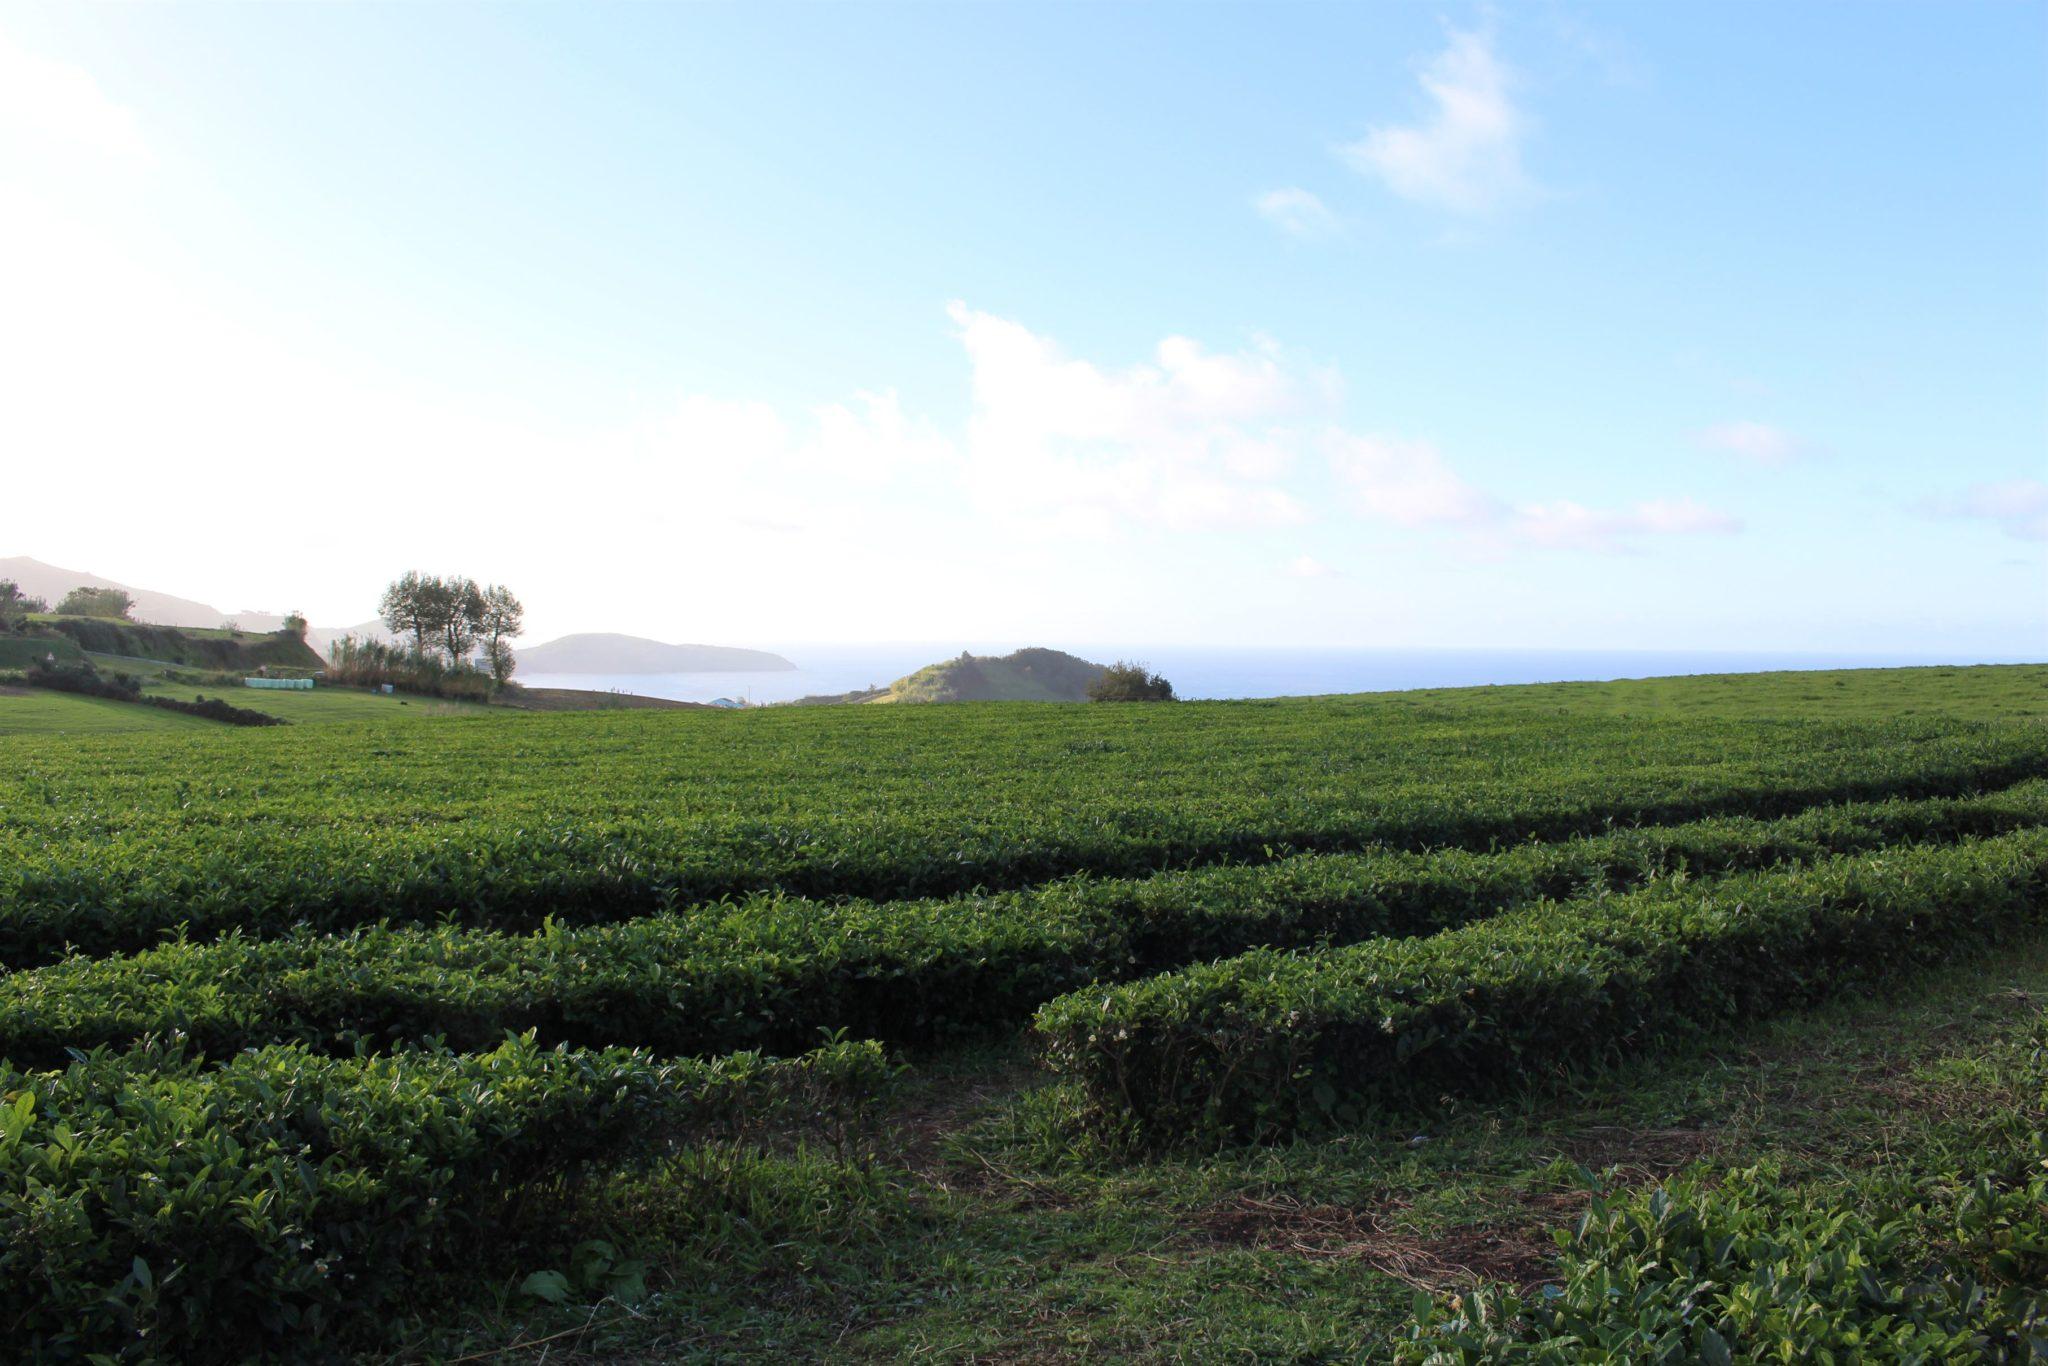 Campos de chá Gorreana, S. Miguel, Açores